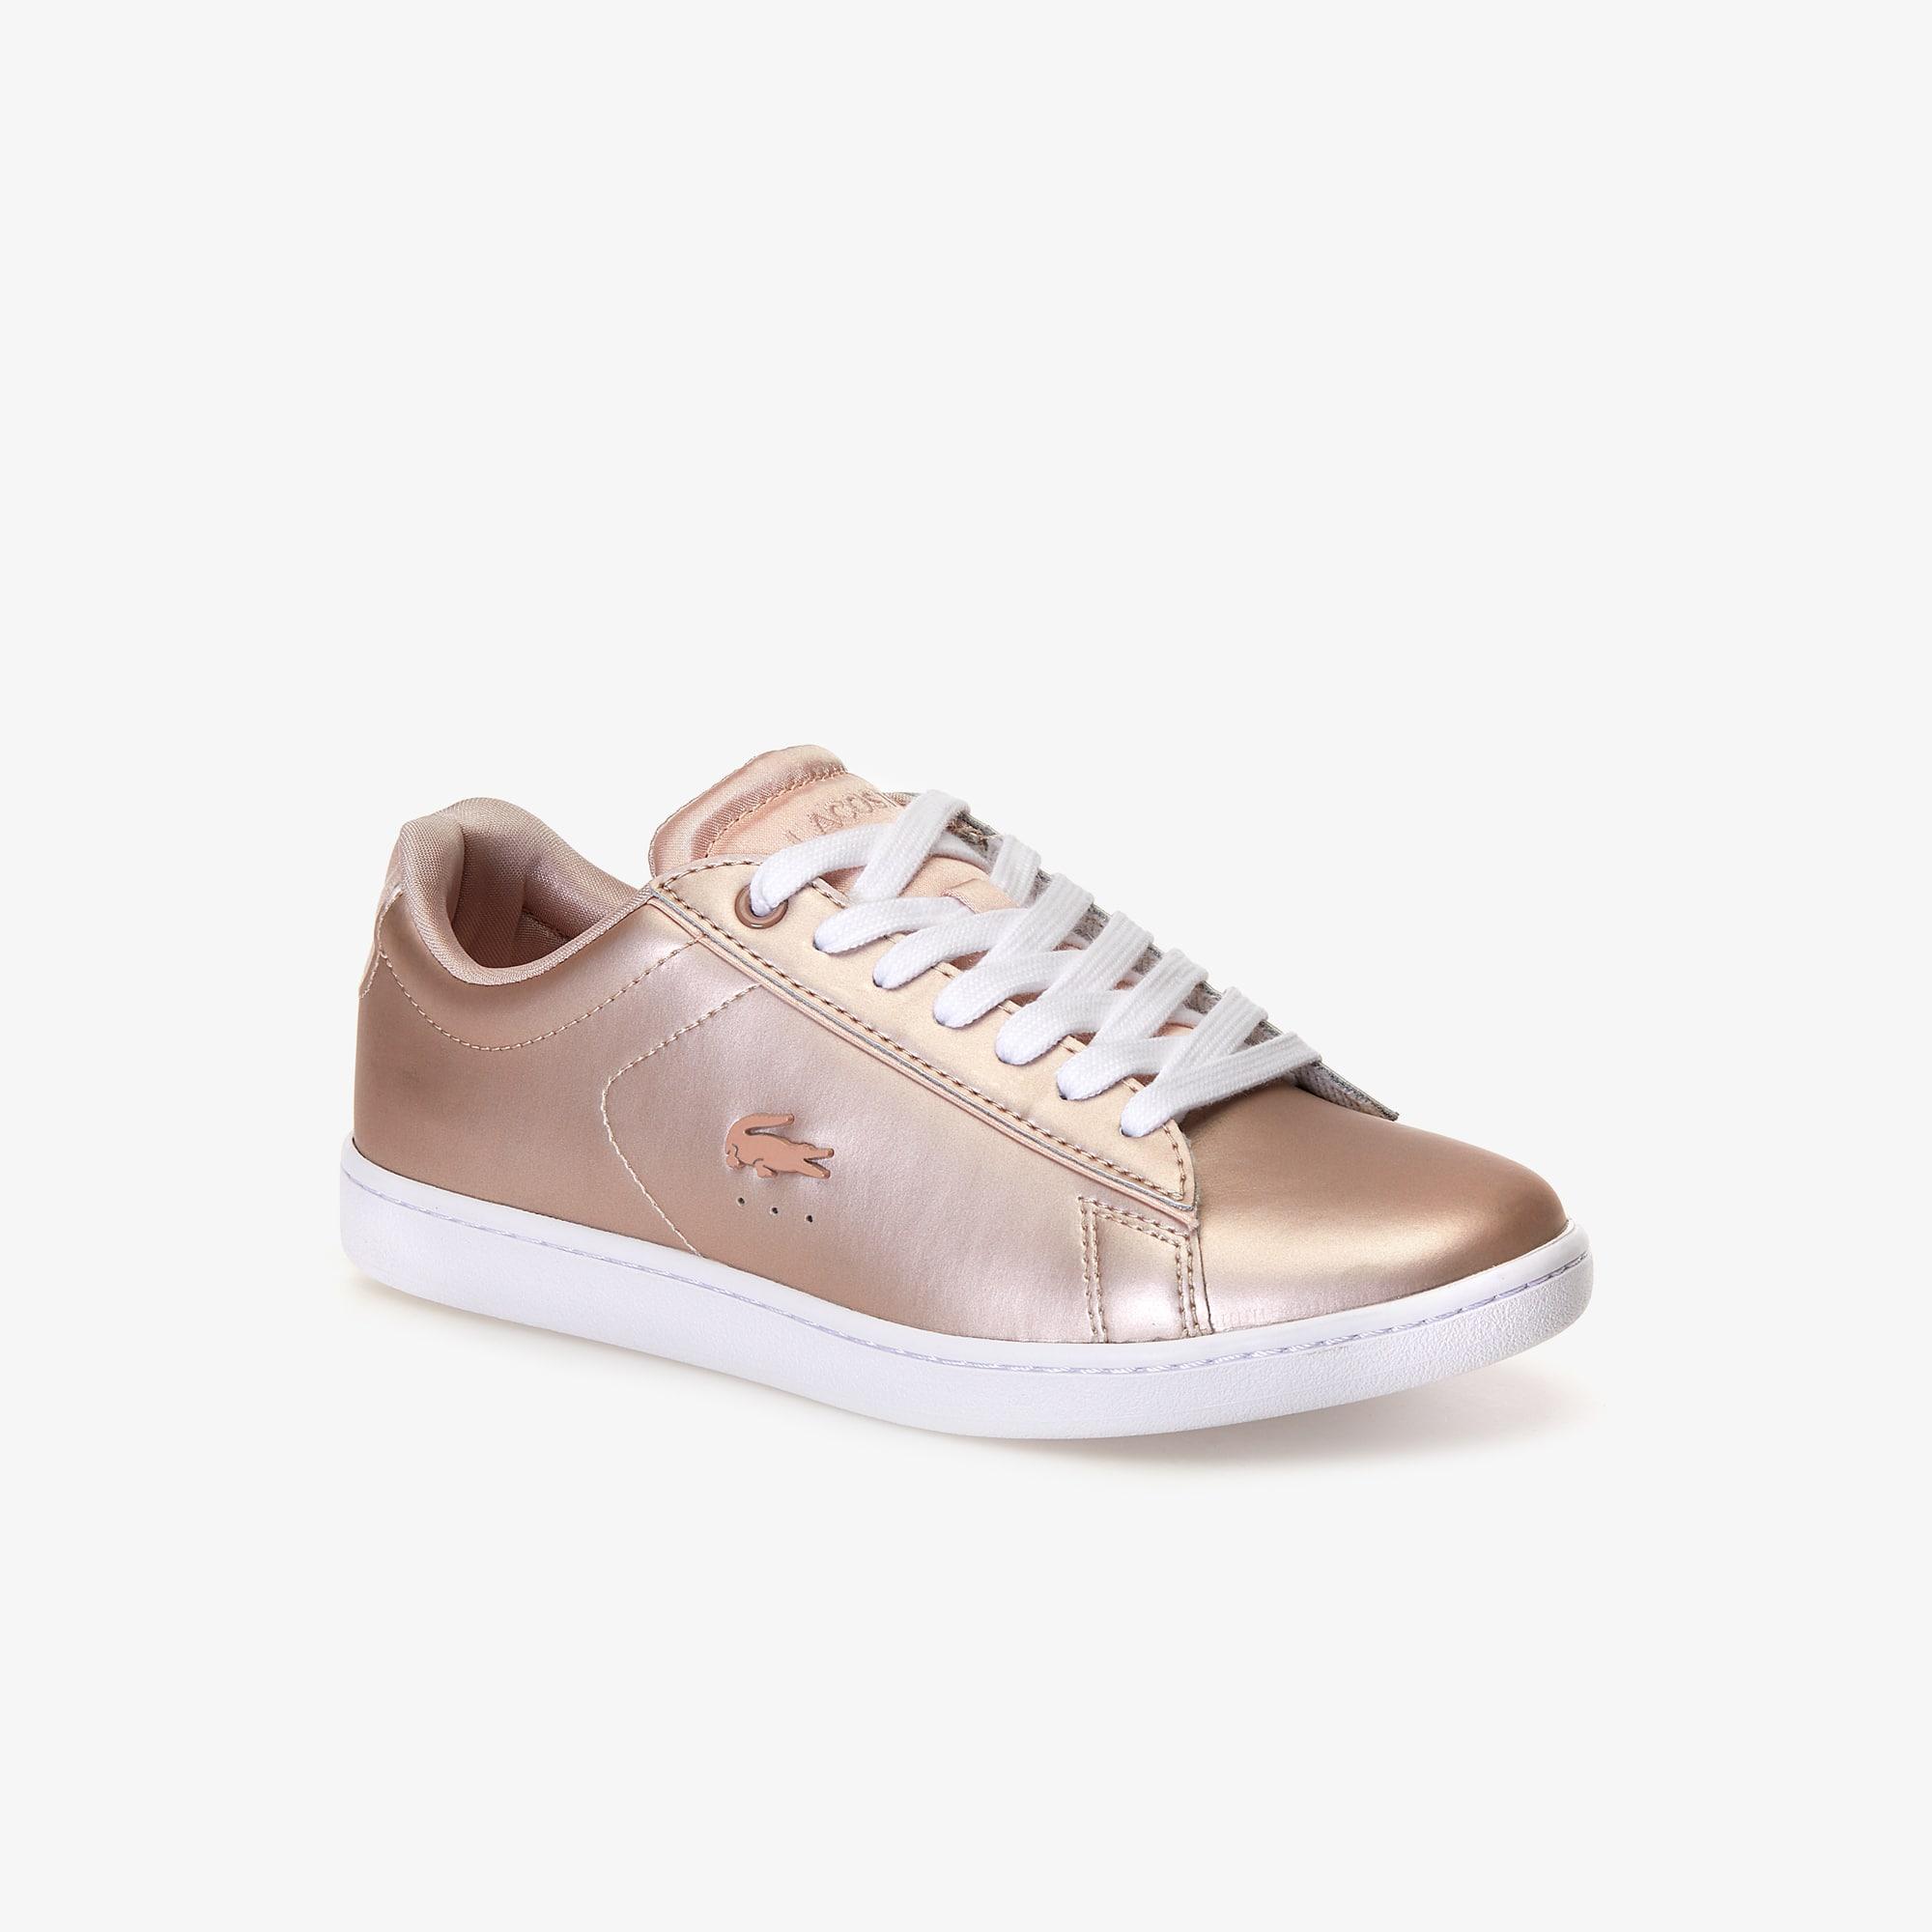 Sneakers Carnaby Evo en cuir premium